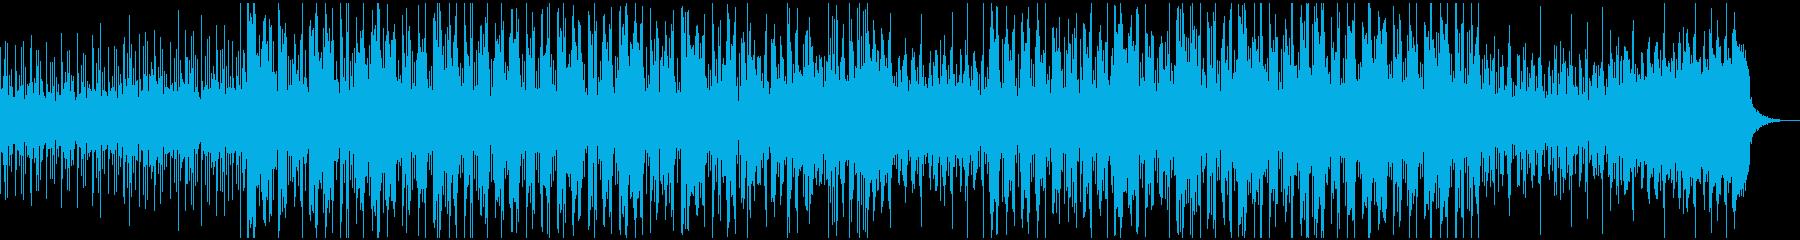 アンビエントエレクトロニックトラッ...の再生済みの波形